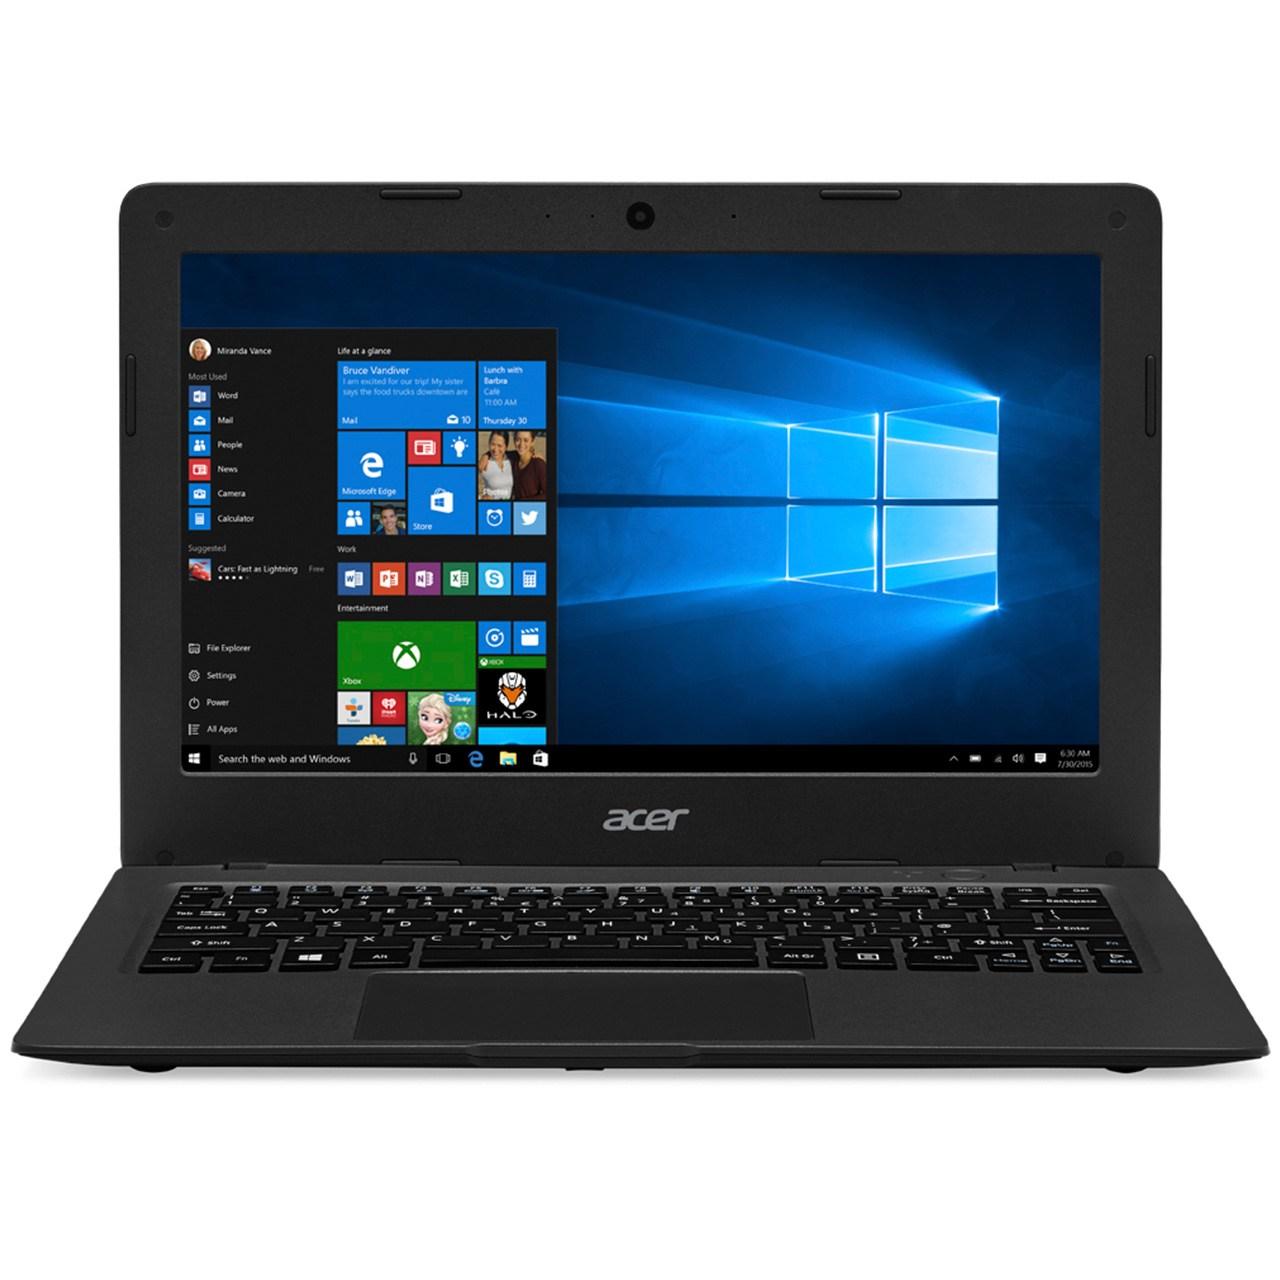 لپ تاپ 11 اینچی ایسر مدل Aspire One Cloudbook 11 - A